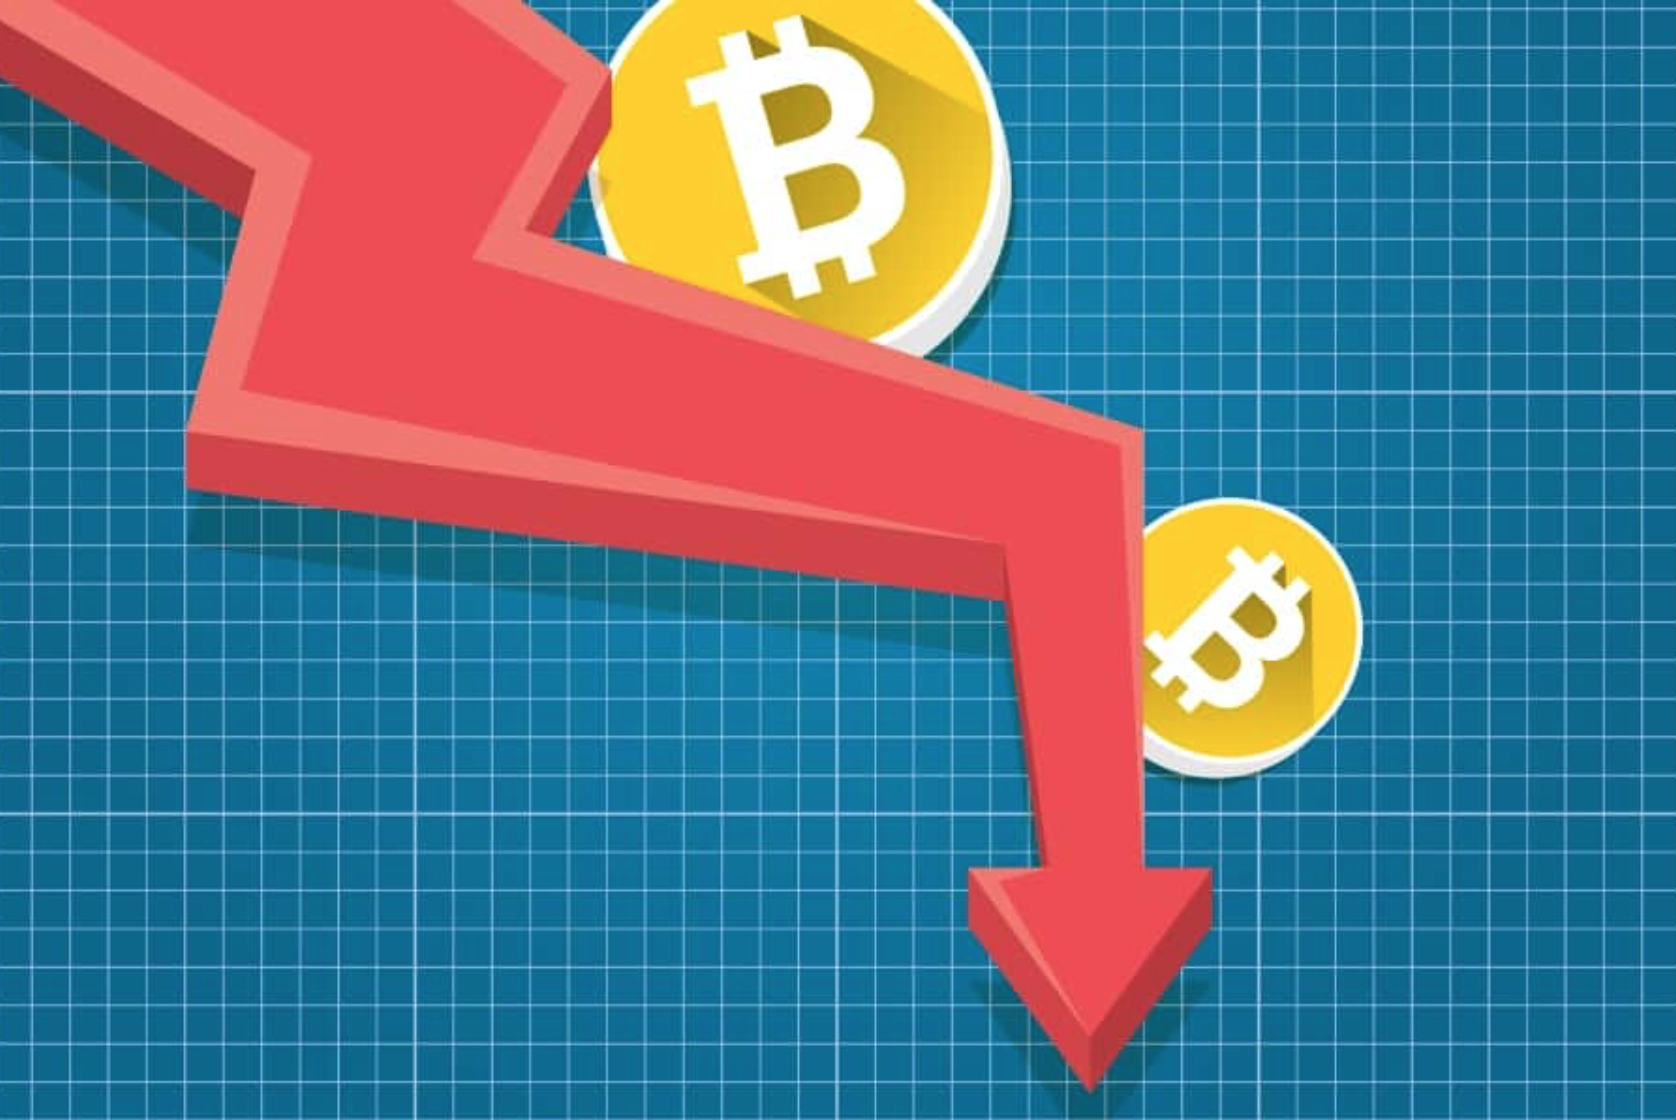 Bitcoin flashcrash 2021